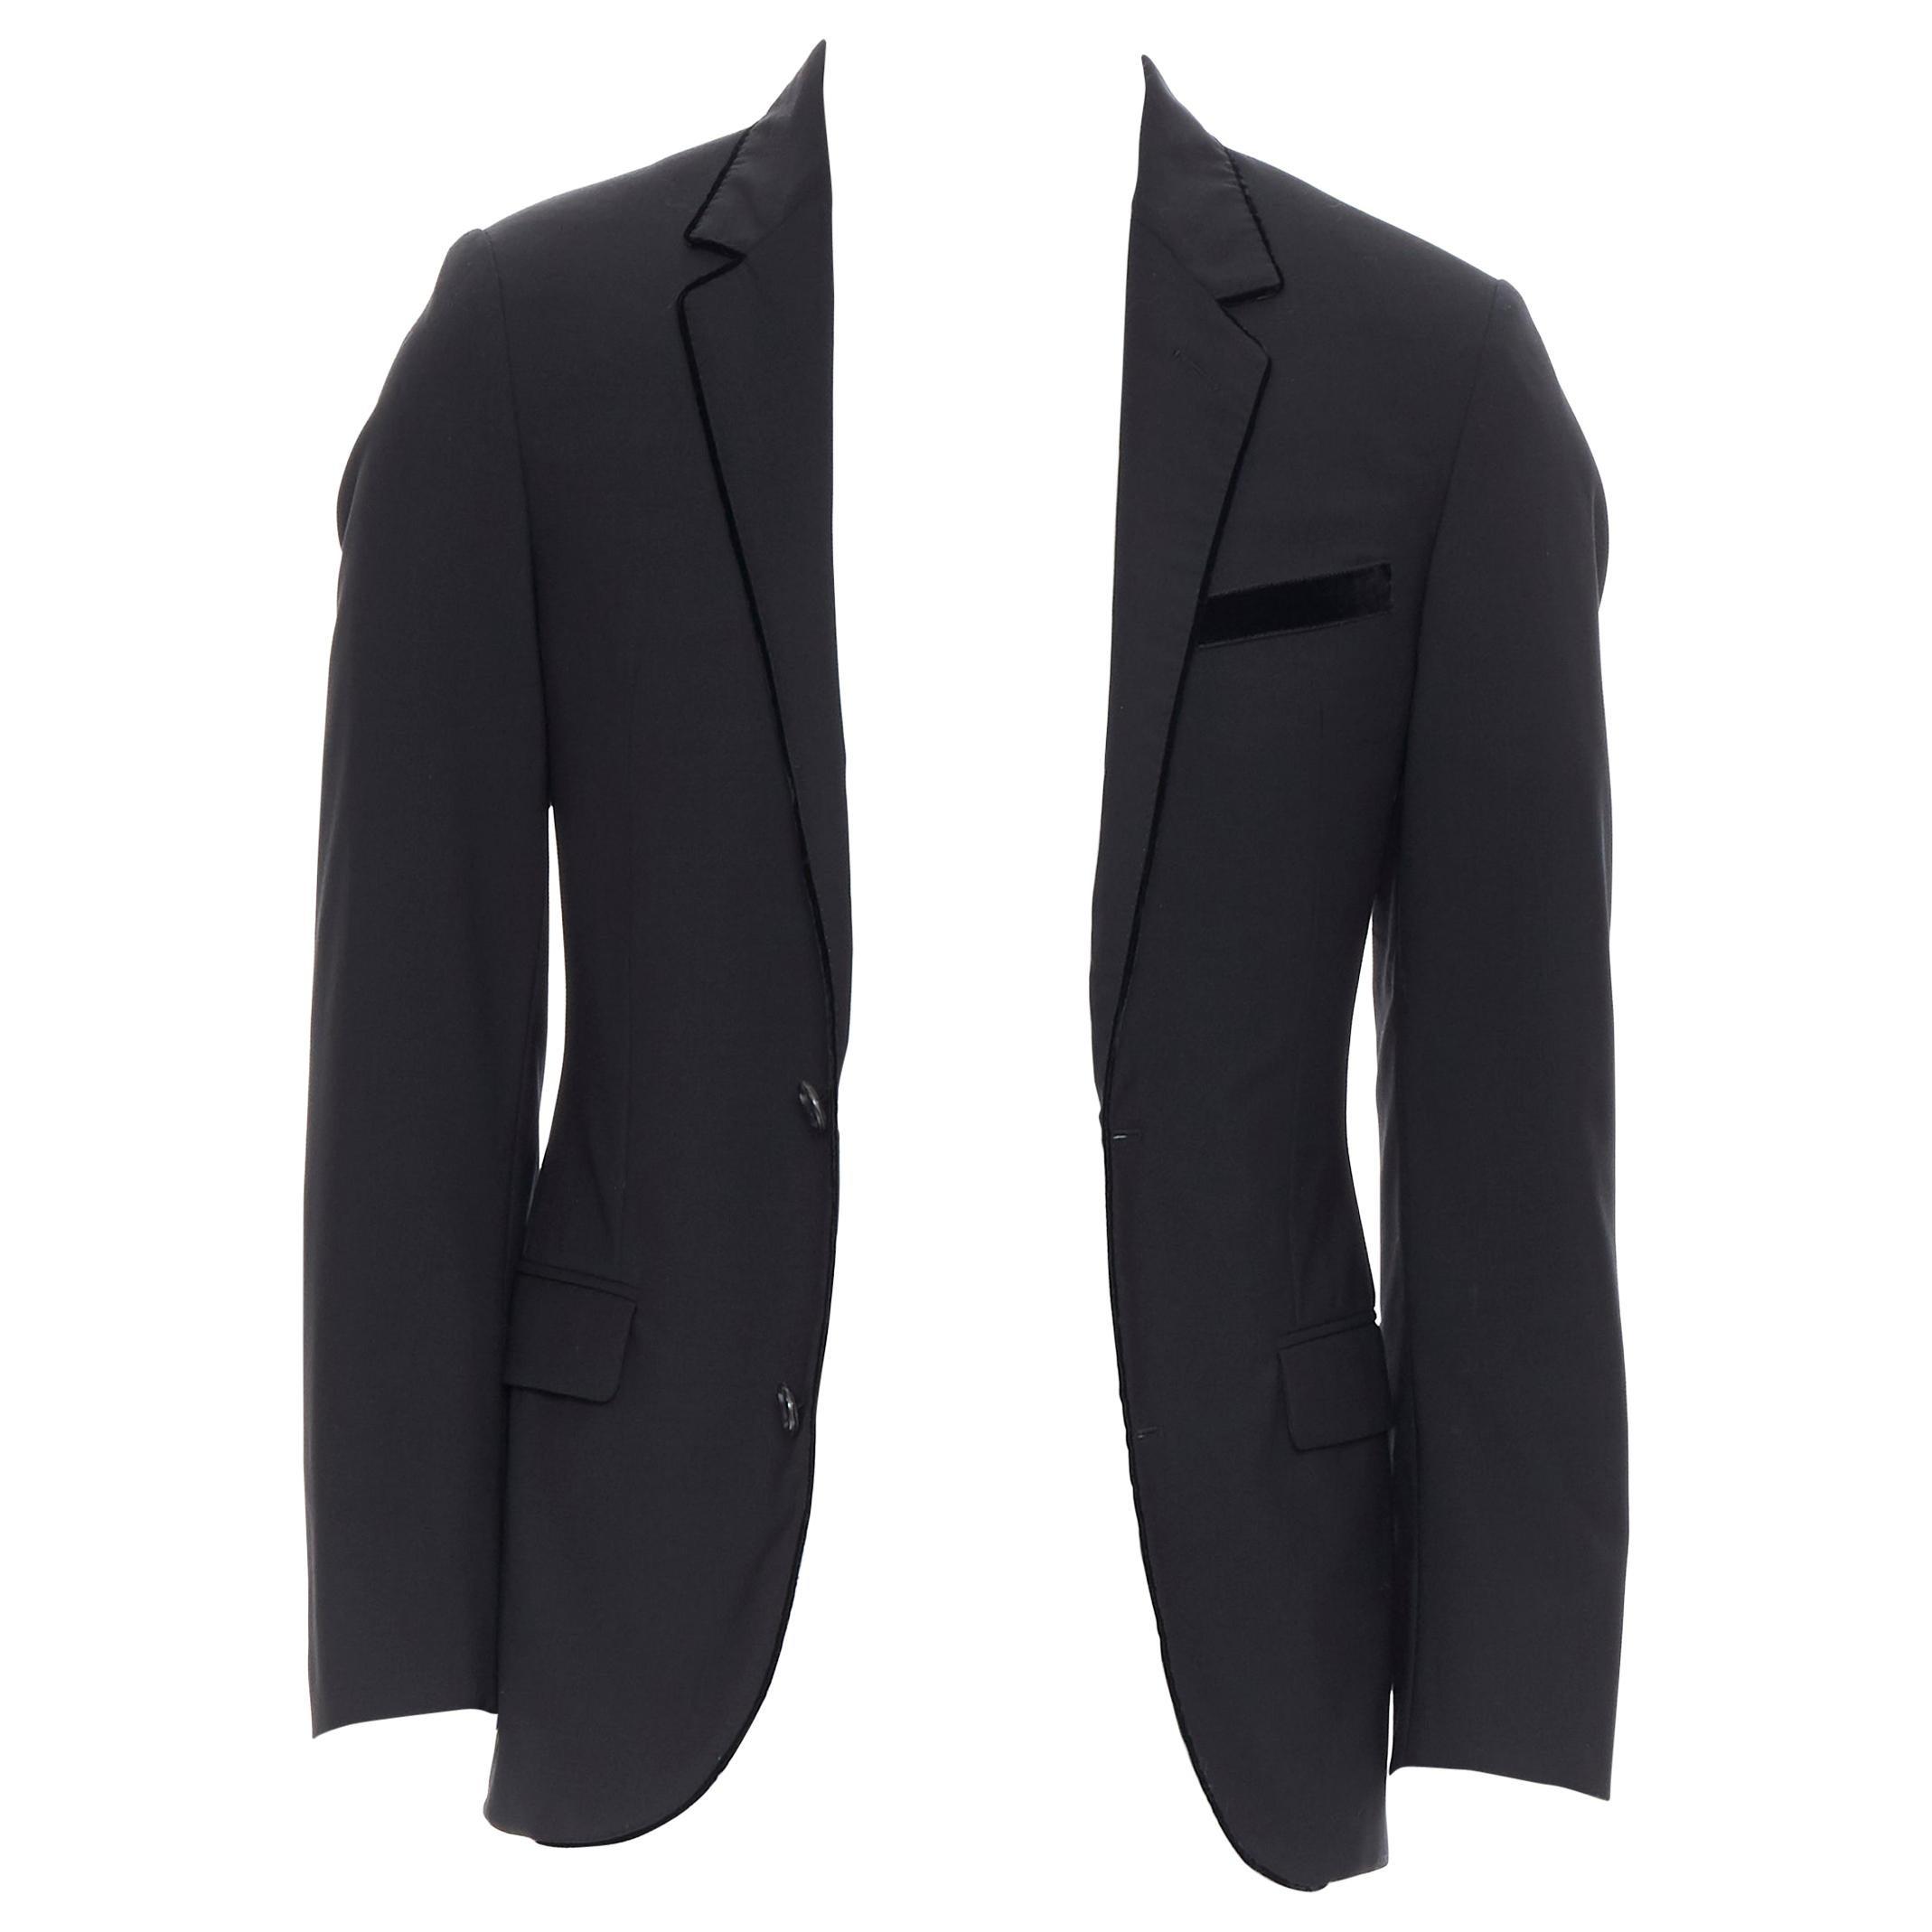 LANVIN ALBER ELBAZ wool blend black velvet peak lapel formal blazer jacket FR44